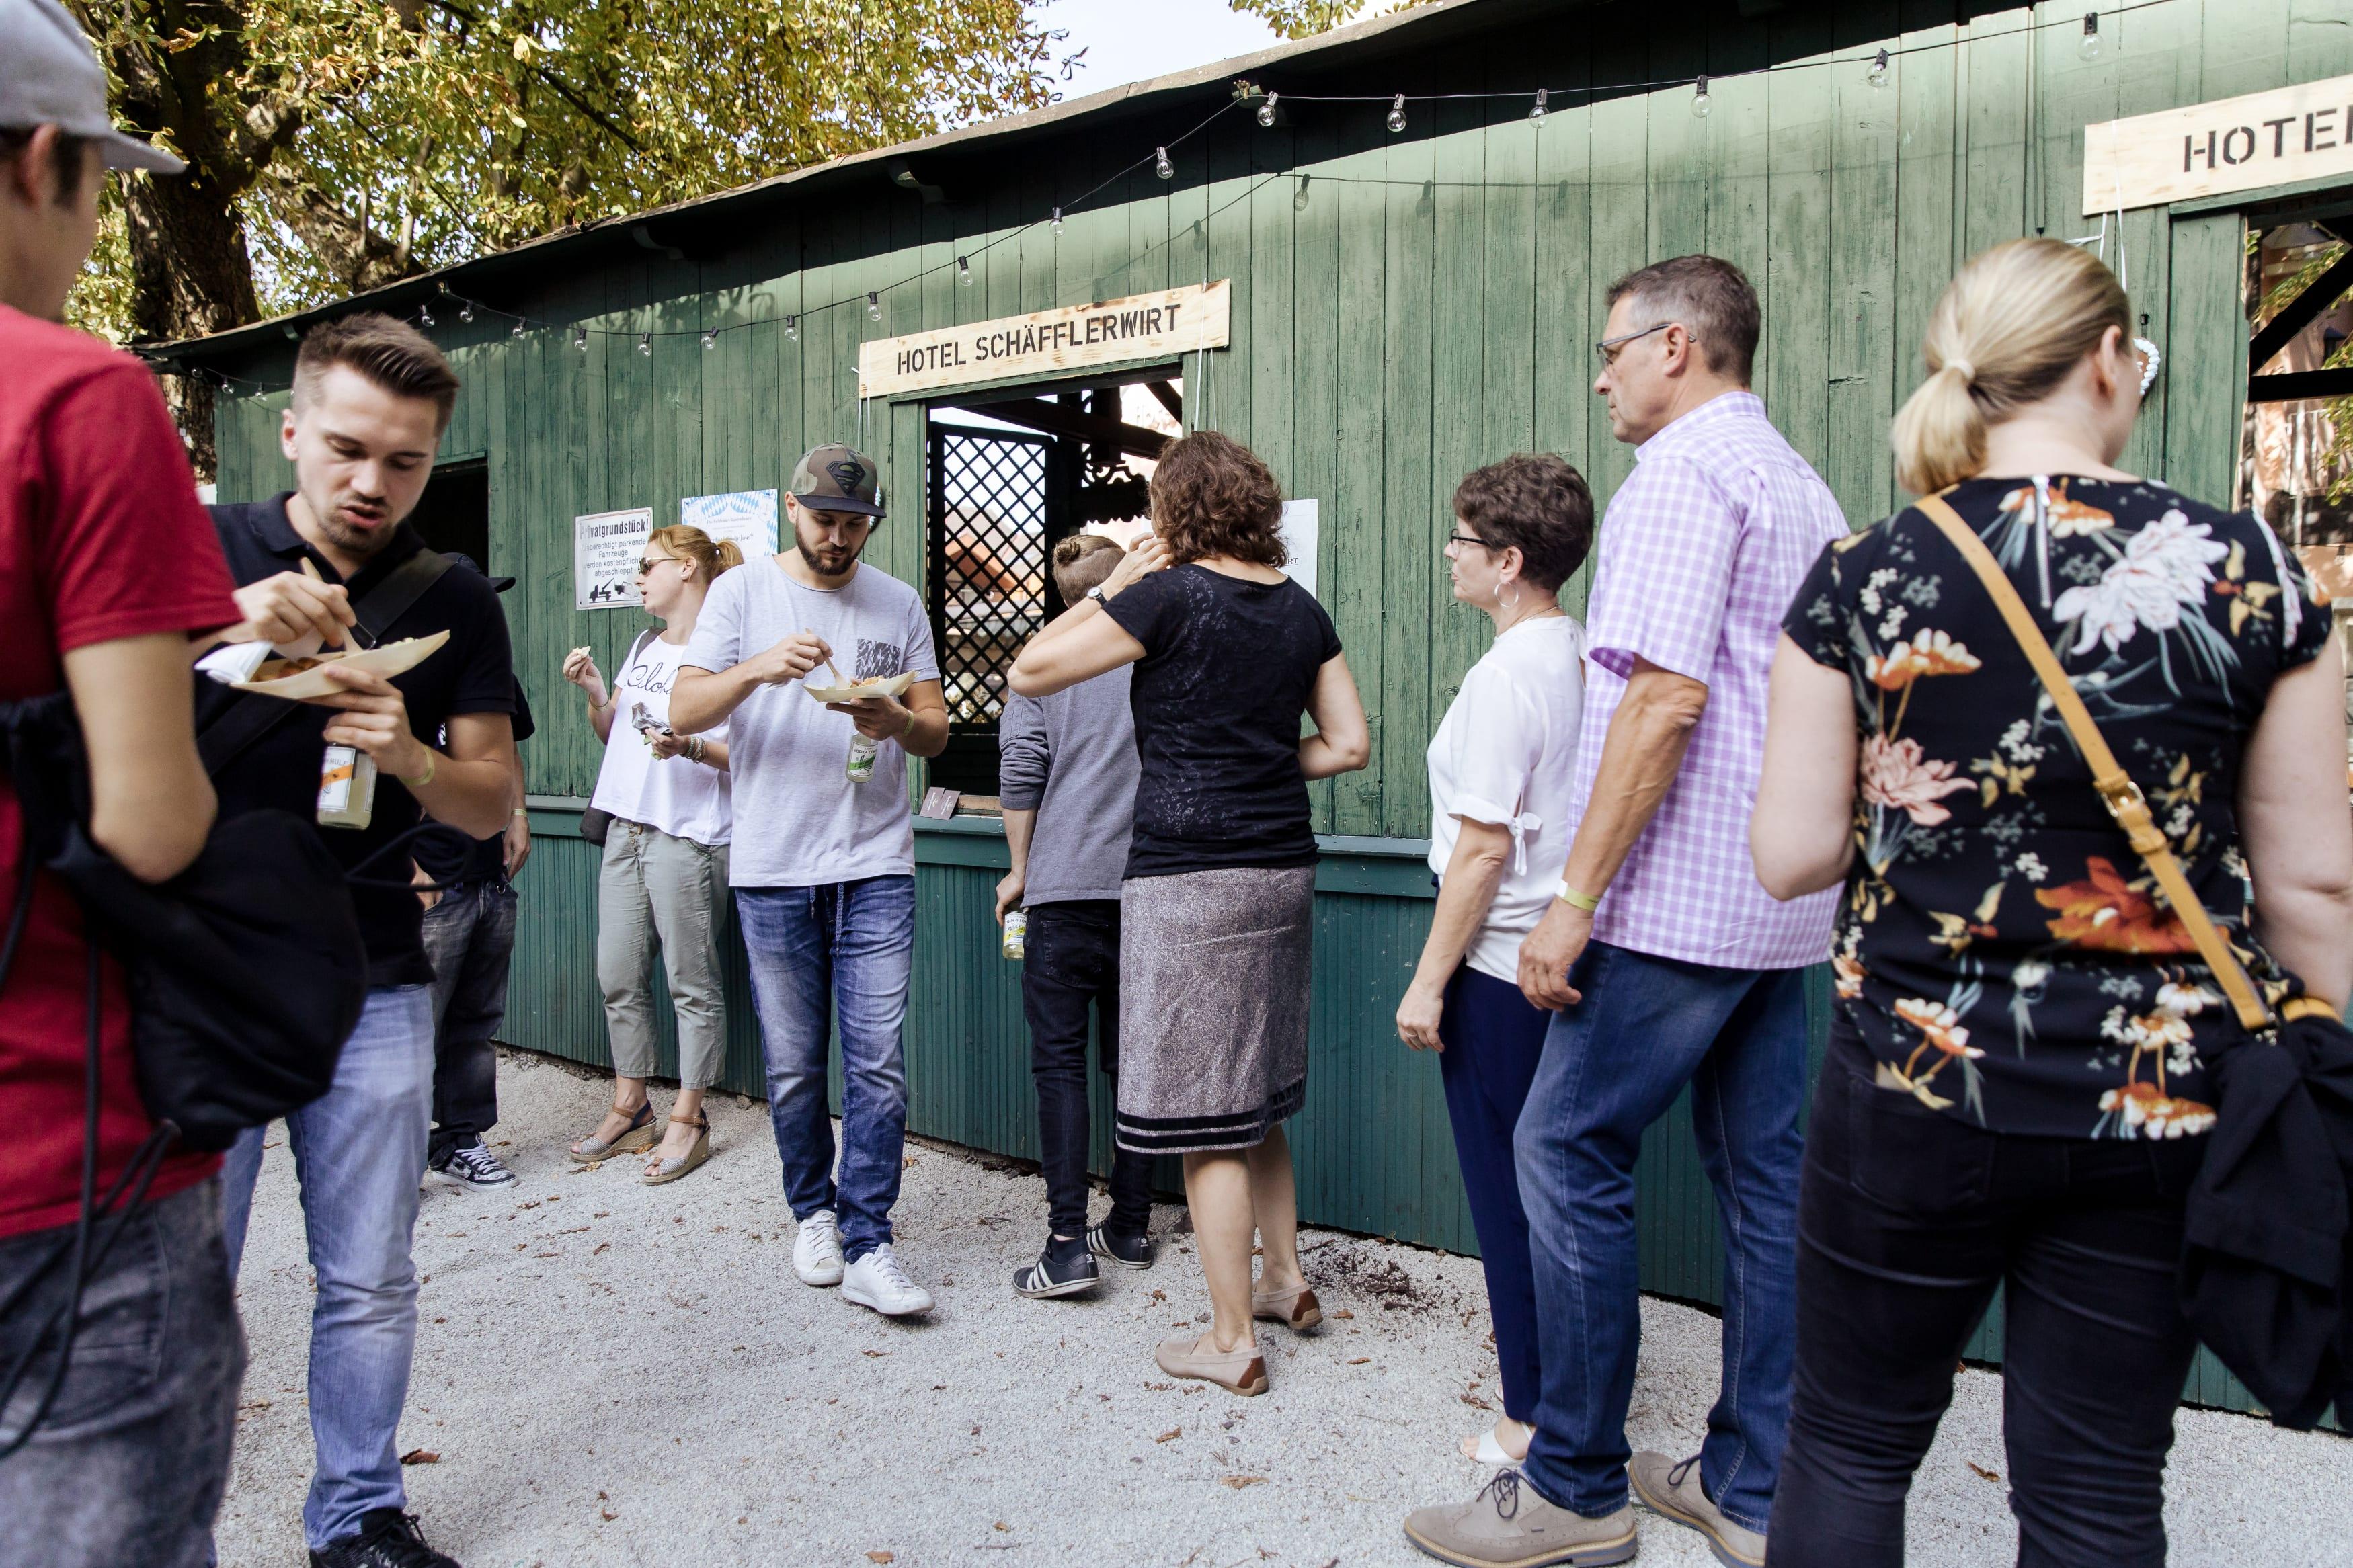 Hotel Schäfflerwirt sorgte am Tag der offenen Tür bei THE DUKE für die Verpflegung